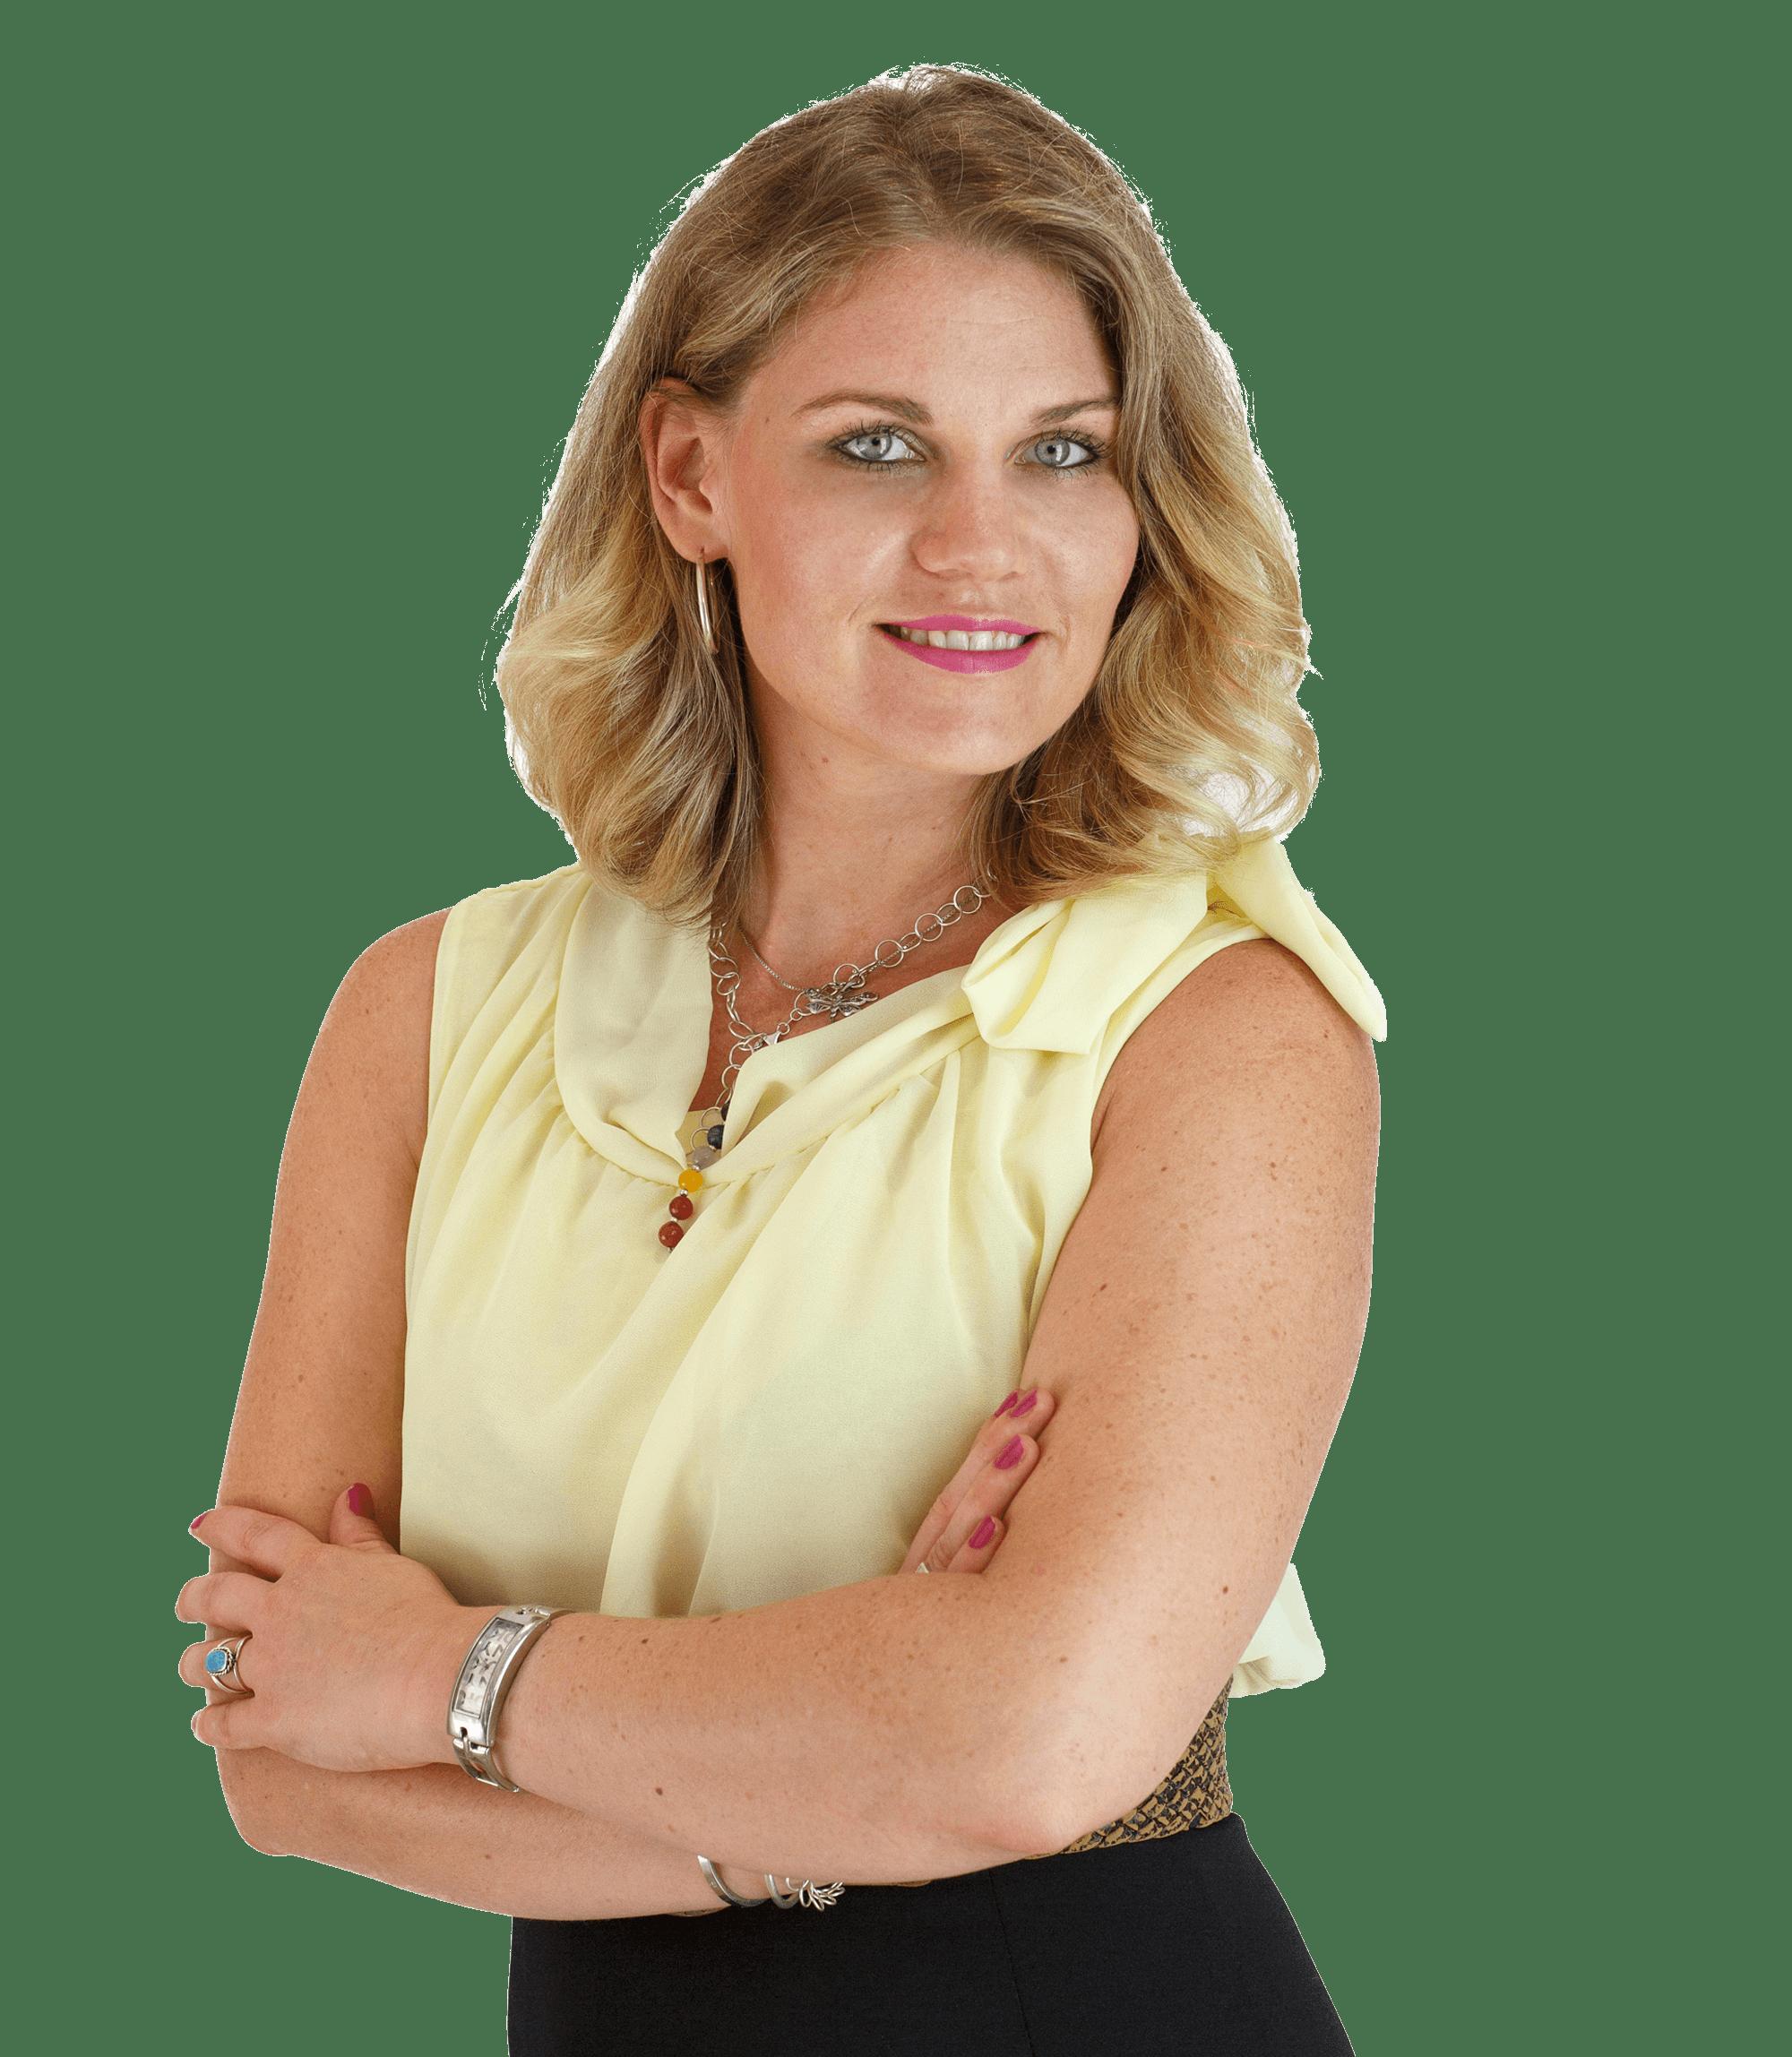 Szerena Majoros - Psicóloga Jurídica en Valencia y Terapeuta en Resiliencia